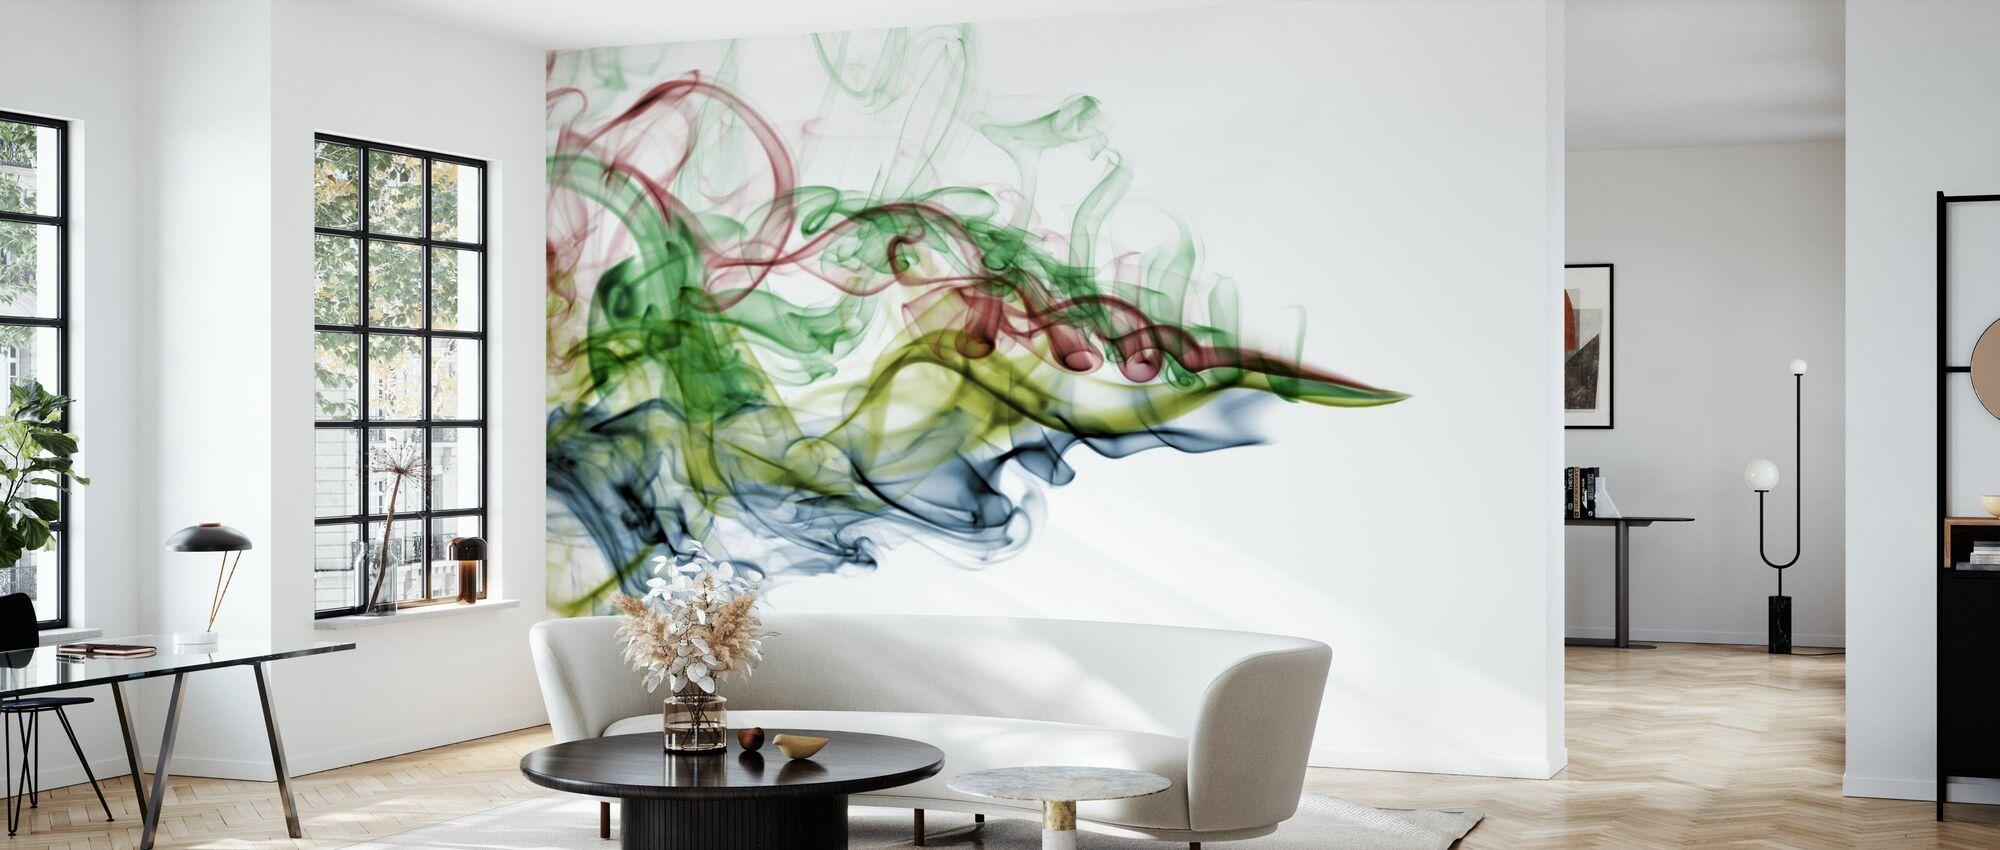 Color Smoke - Wallpaper - Living Room